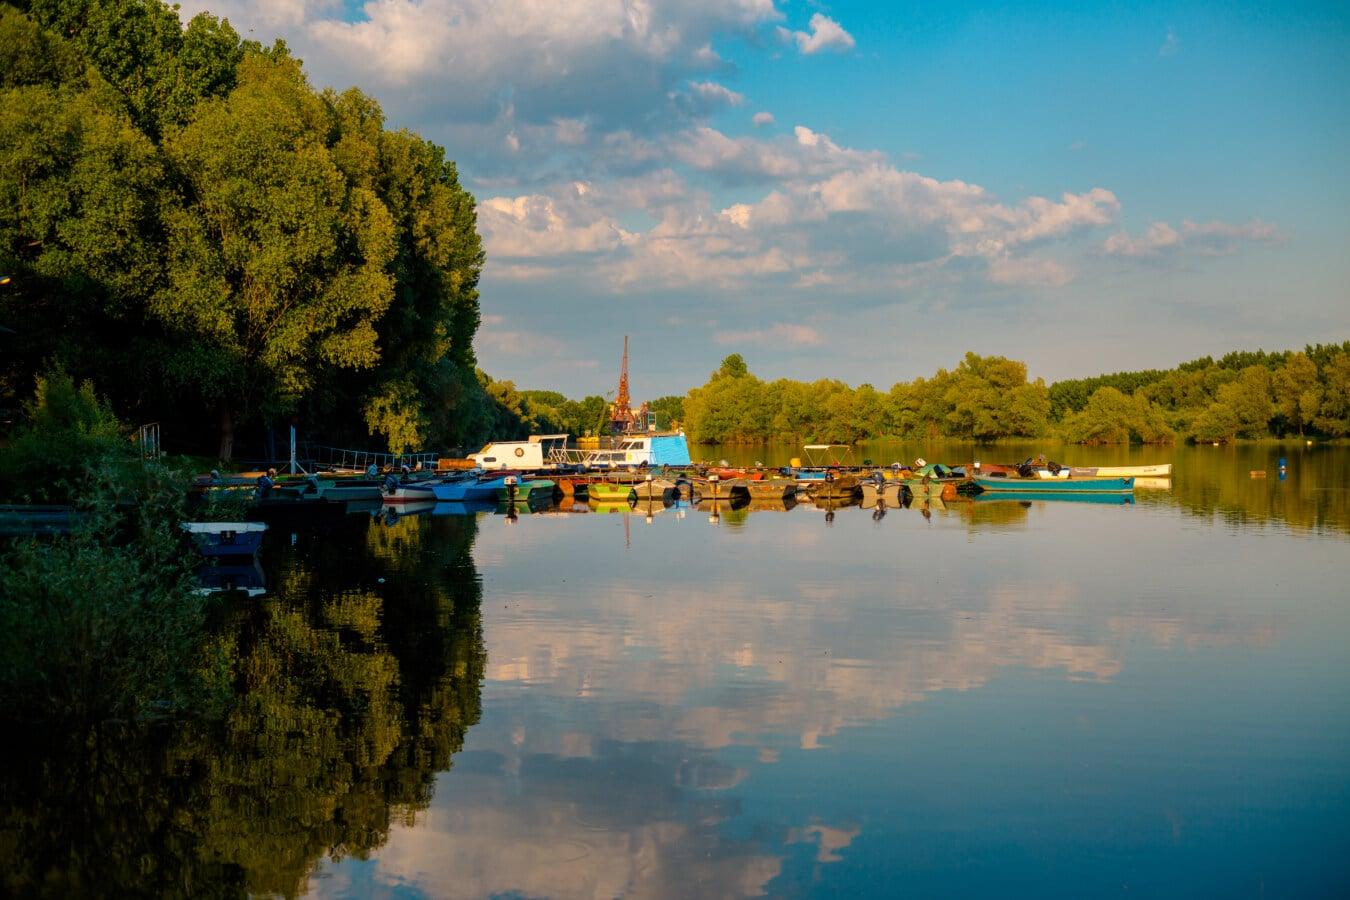 joki, järvi, vesi, Shore, järven puolella, heijastus, maisema, puu, kesällä, luonto